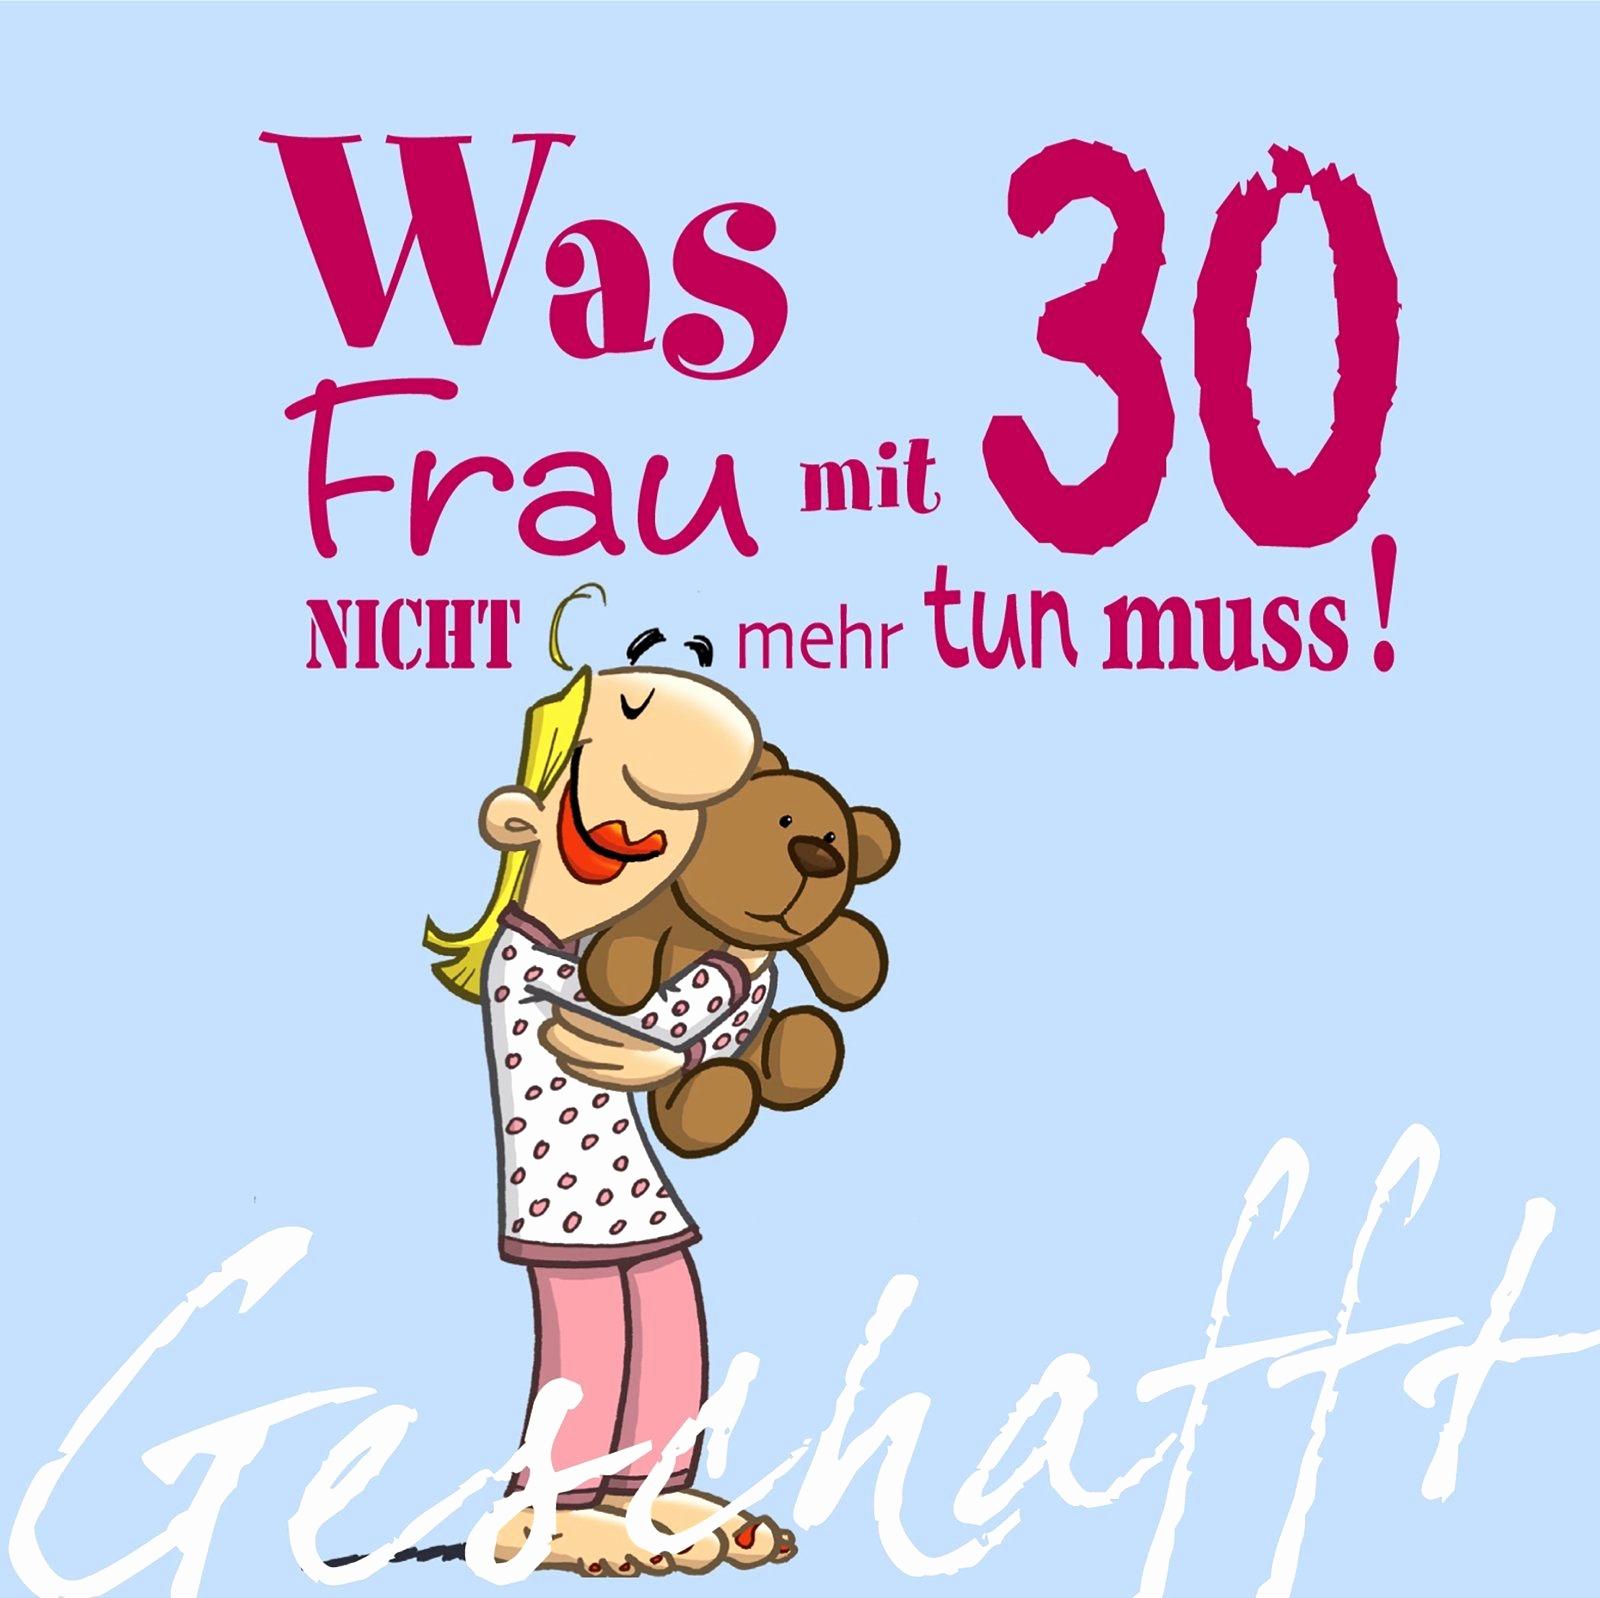 Geburtstagskarte 40 Zum Ausdrucken Luxus Geburtstagskarten bei Geburtstagskarte Selber Drucken